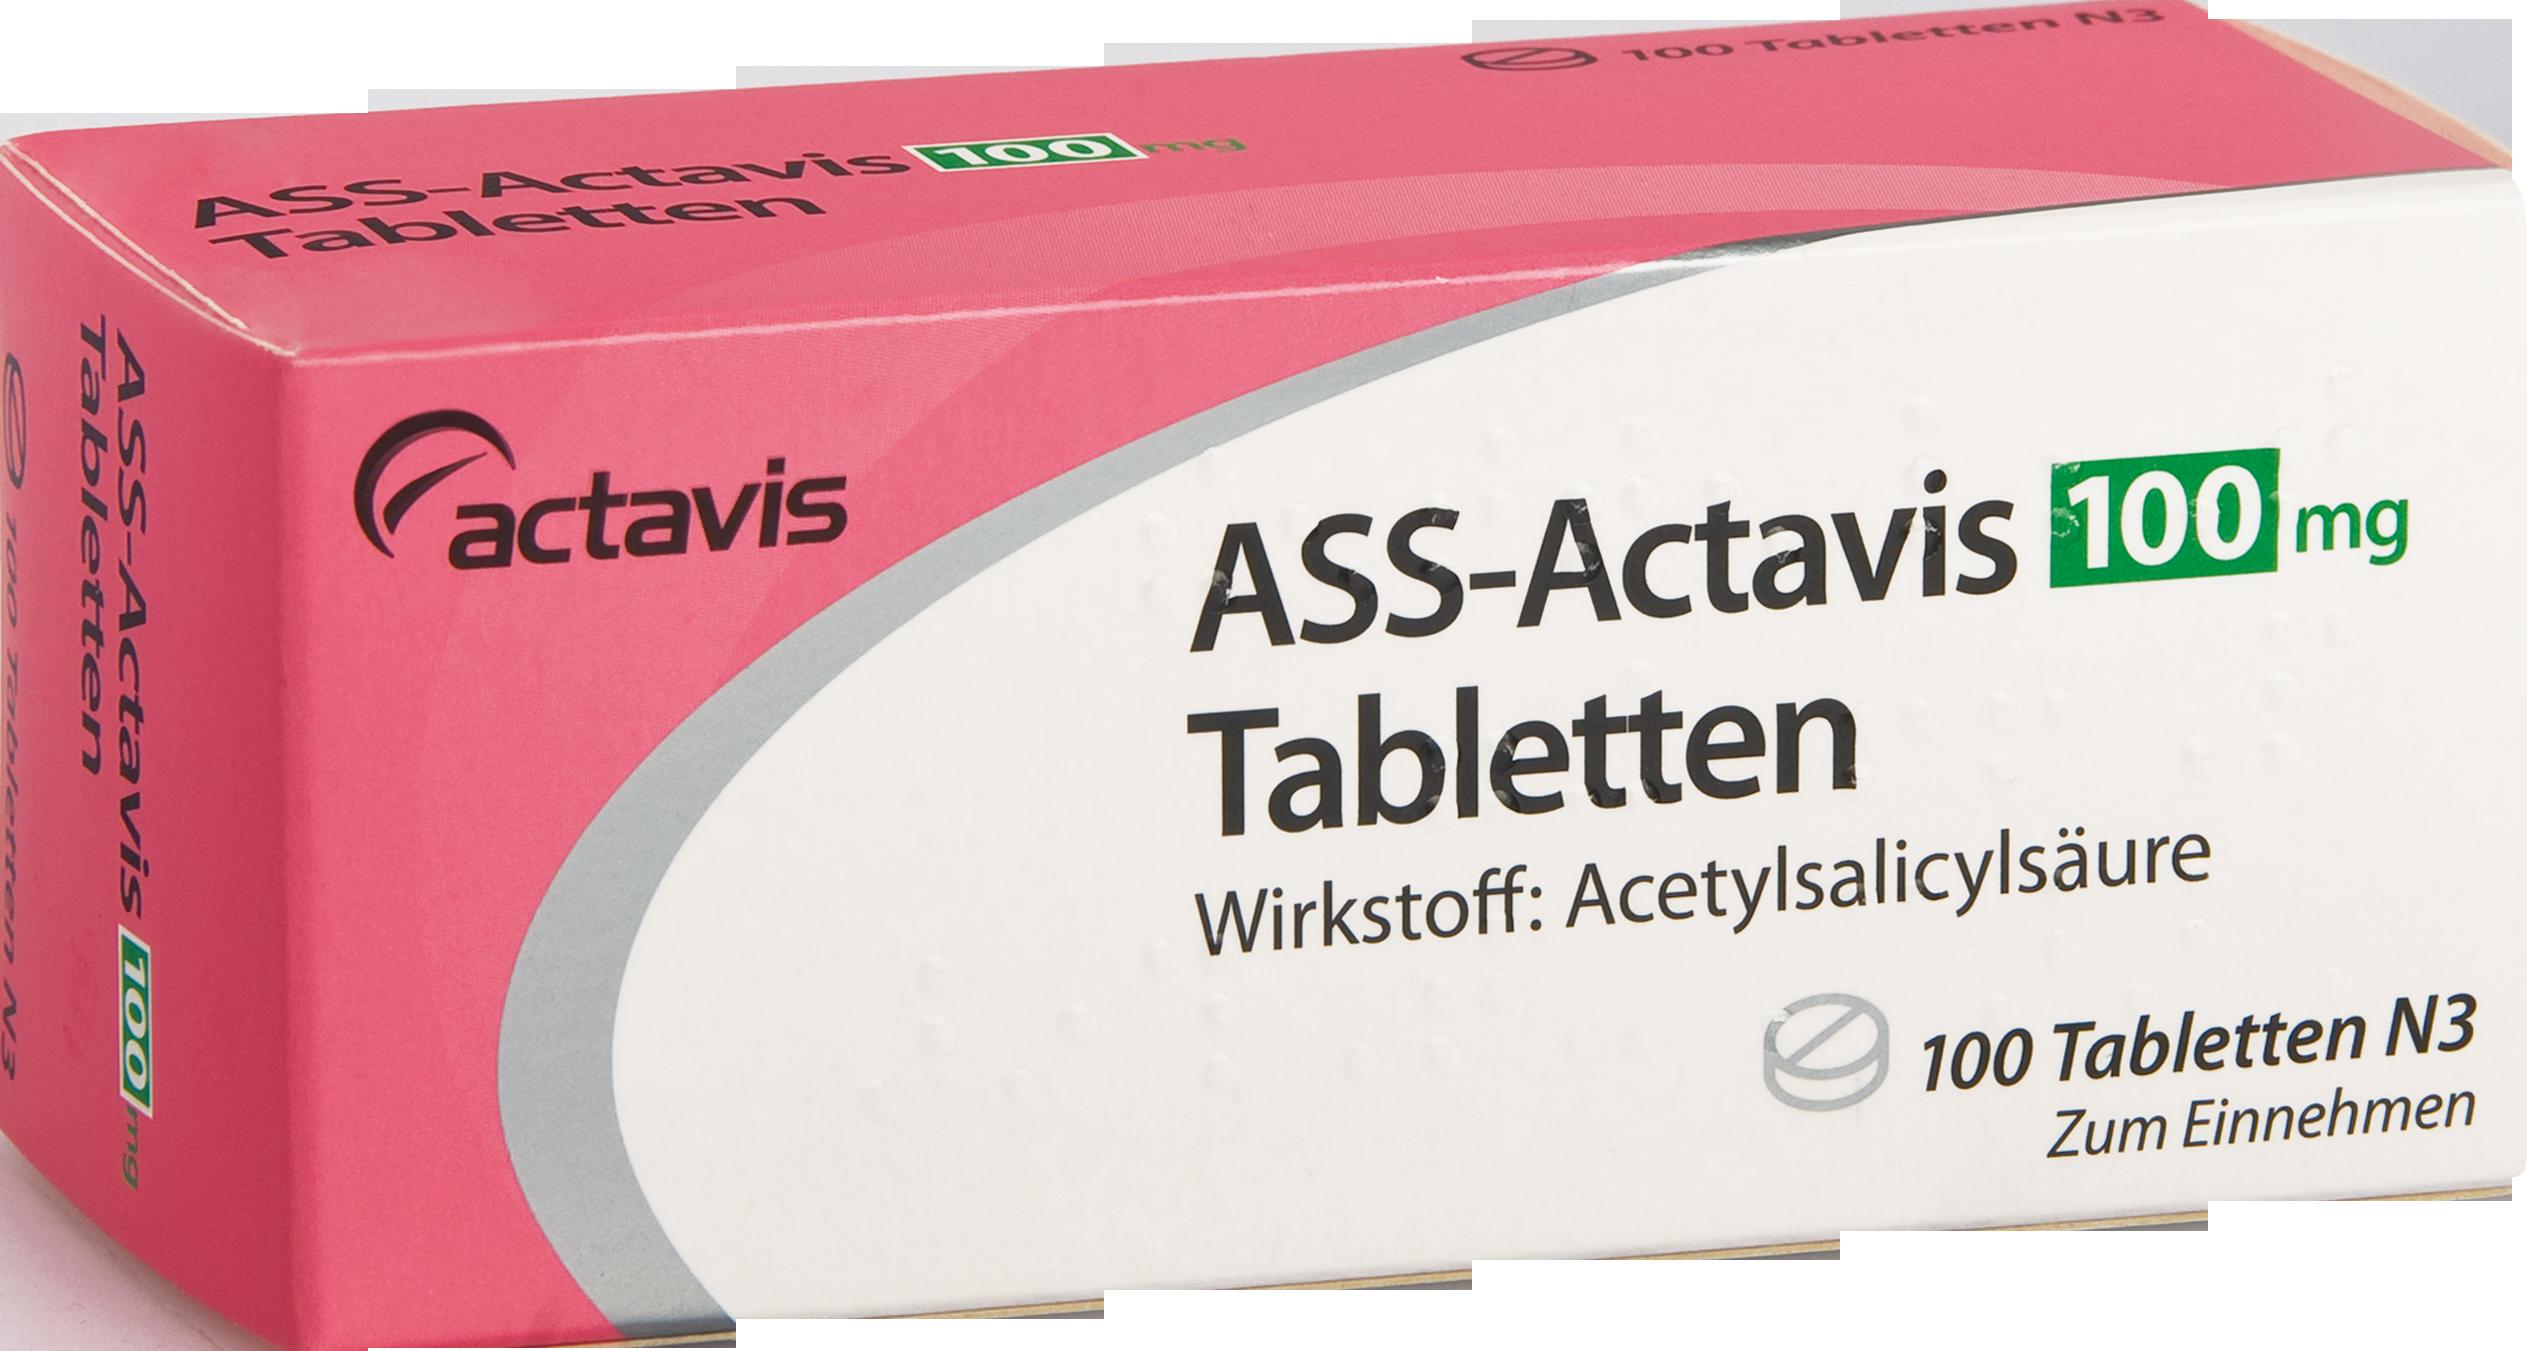 ASS-Actavis 100mg Tabletten